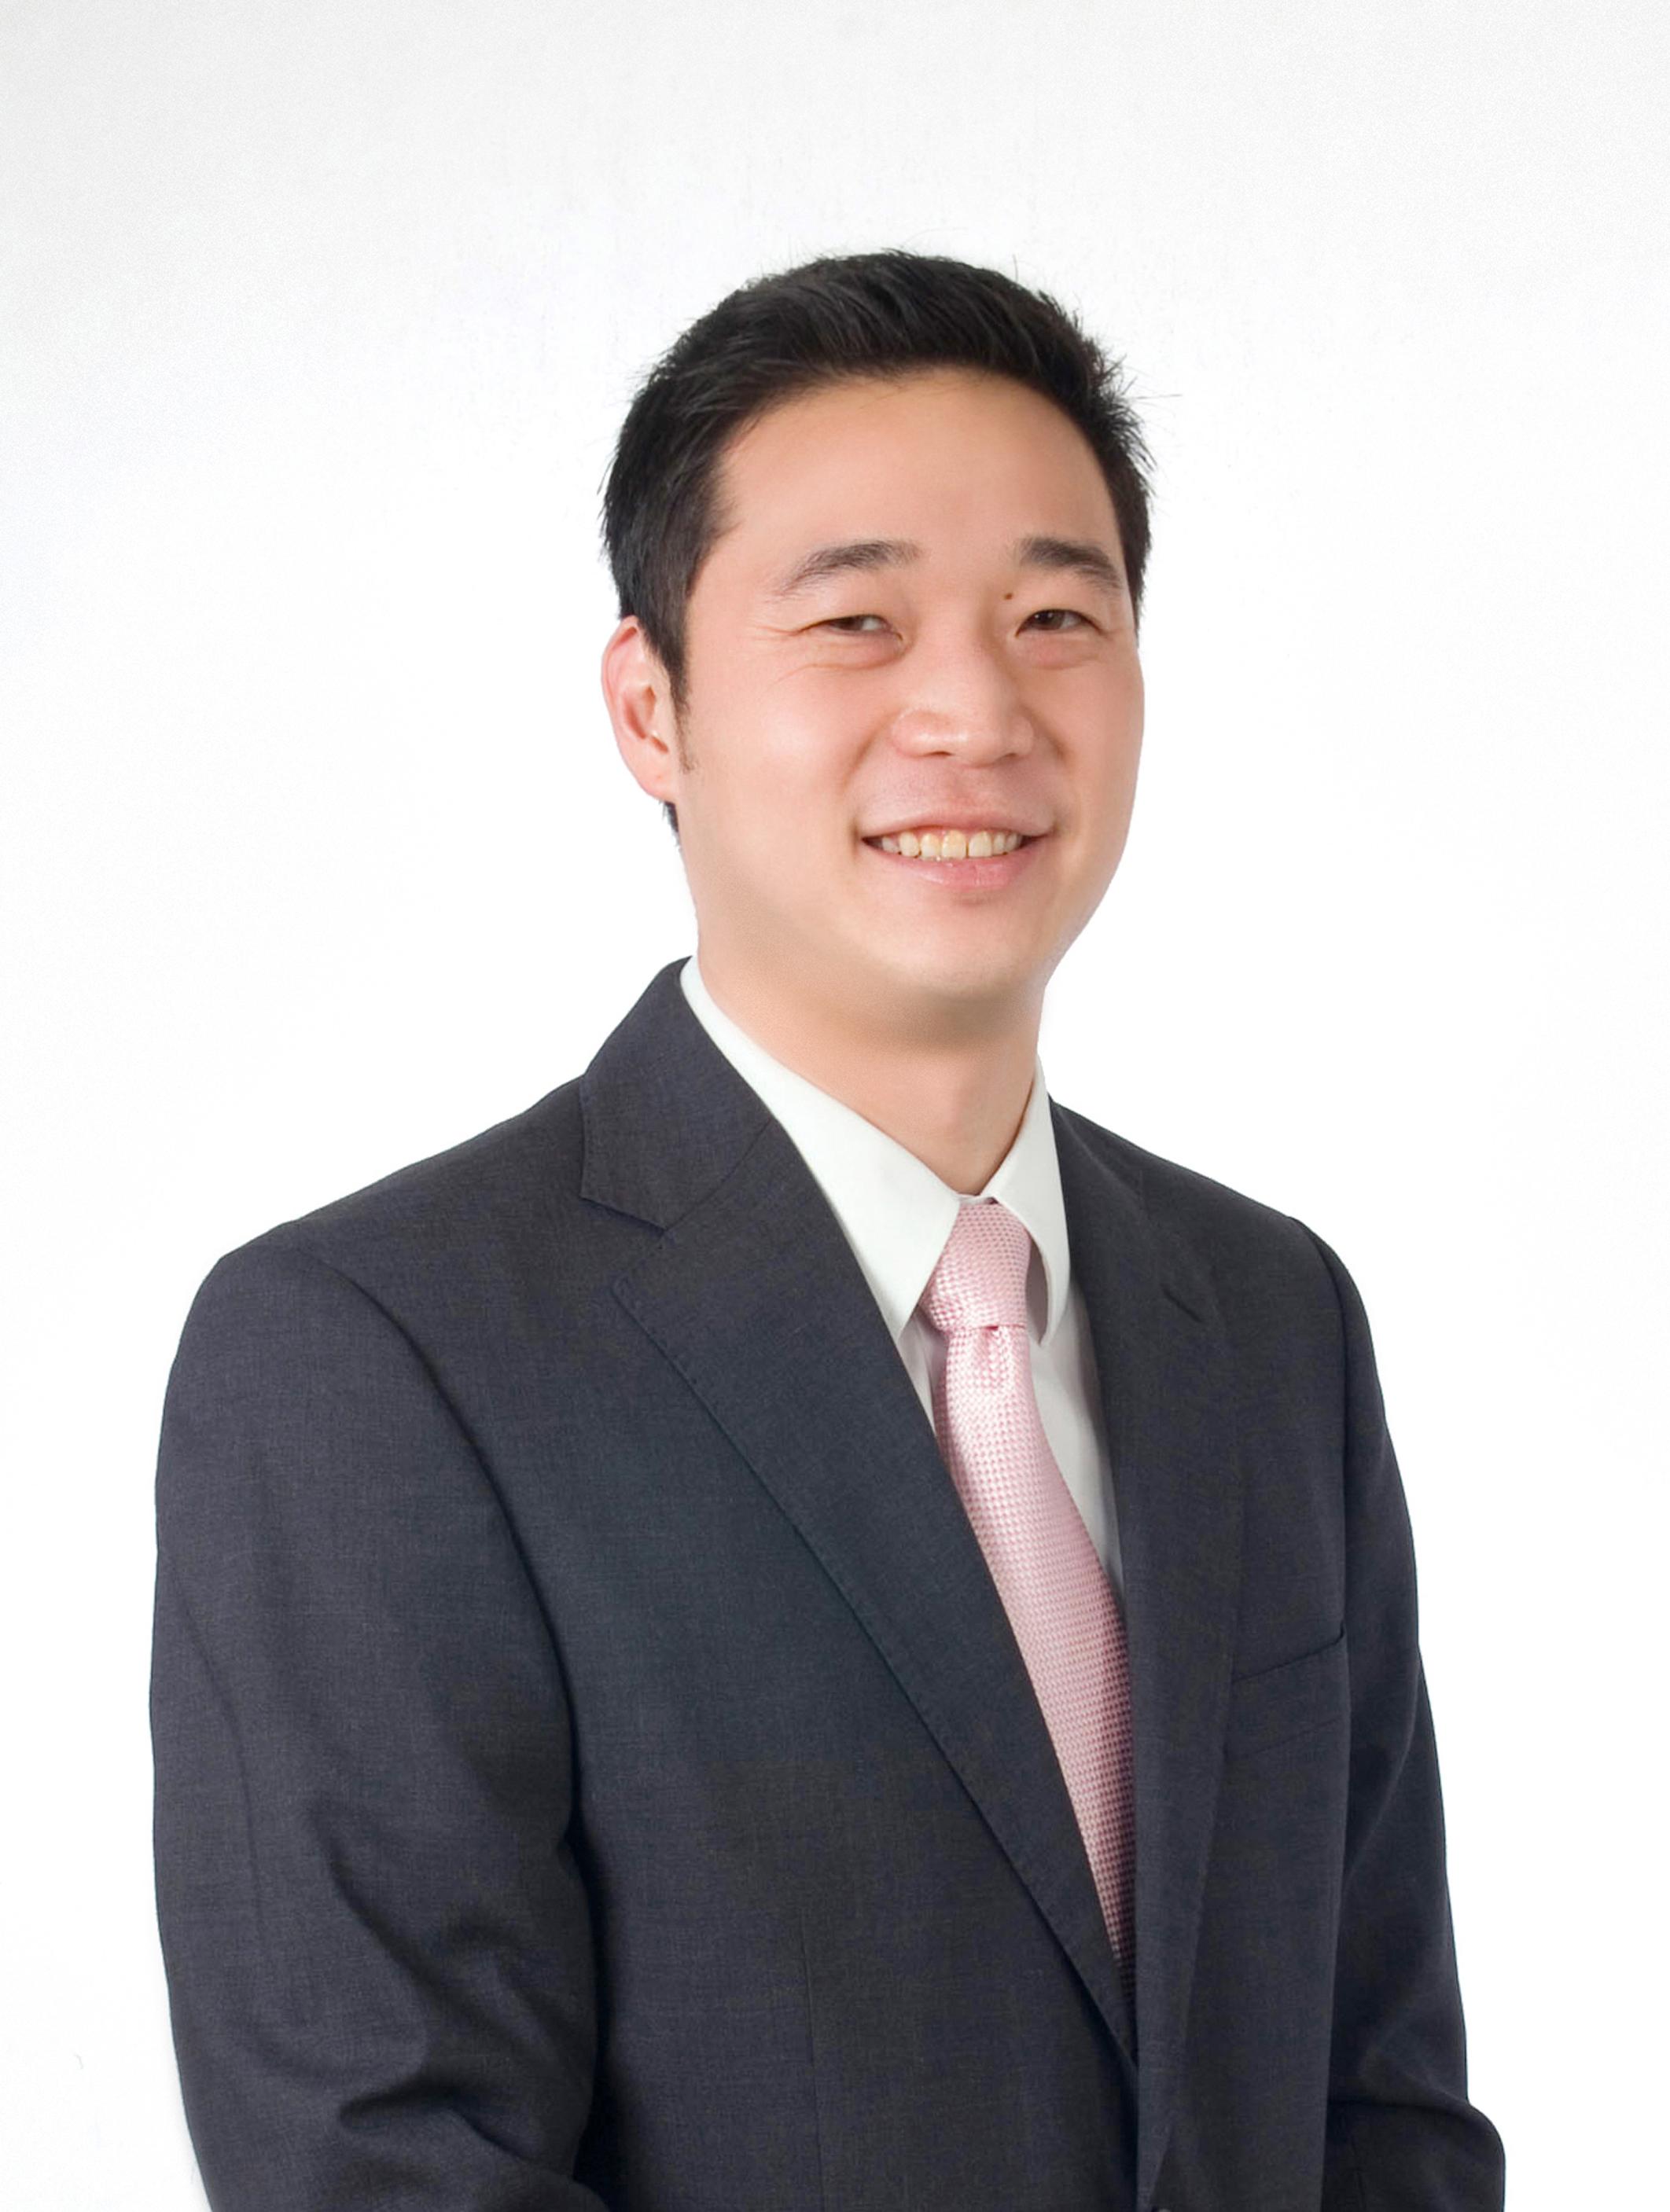 Specialty Eye Care Steven J Yoon Md Specialty Eye Care